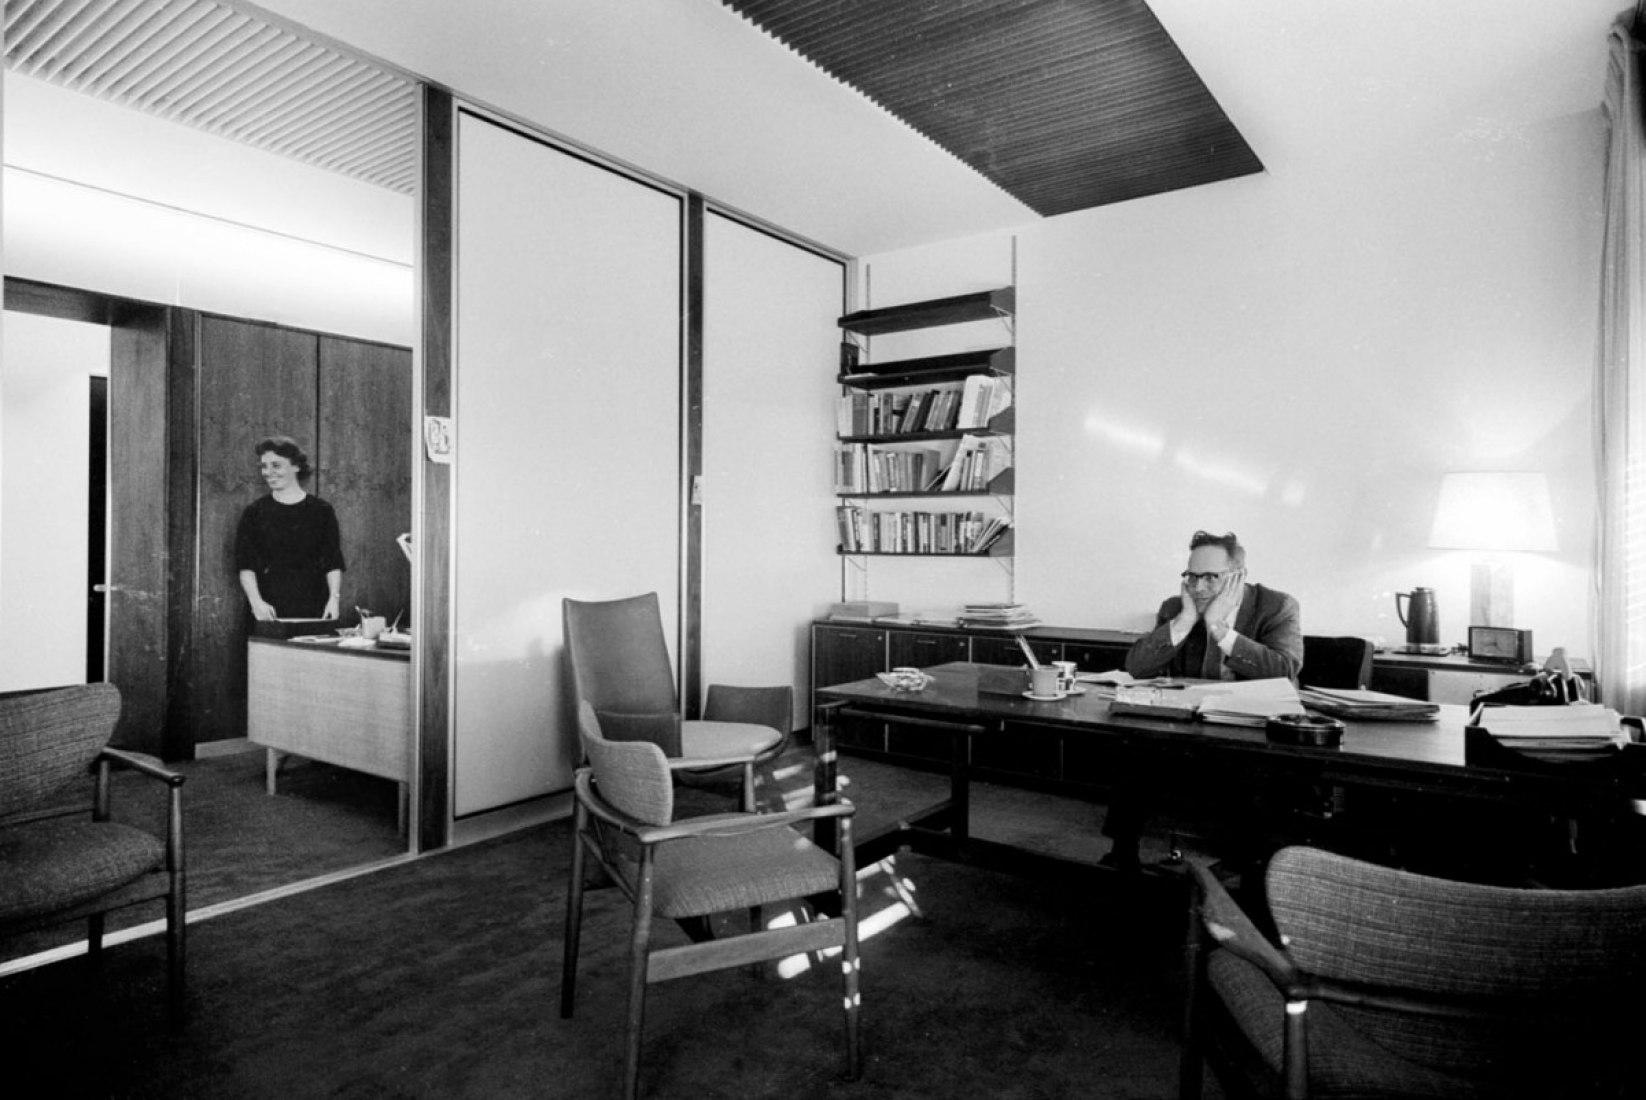 Vamos a viajar de regreso a la década de 1960-una época en que todo estaba en escala de grises y respirar un poco de la vida laboral y lo que inundaba el aire decadente de Don Draper. Parece que ese hombre a la derecha necesita un descanso-así que vamos a estirar las piernas y tomar un paseo alrededor de la oficina con él. (Courtesy of Time Inc. Archives).